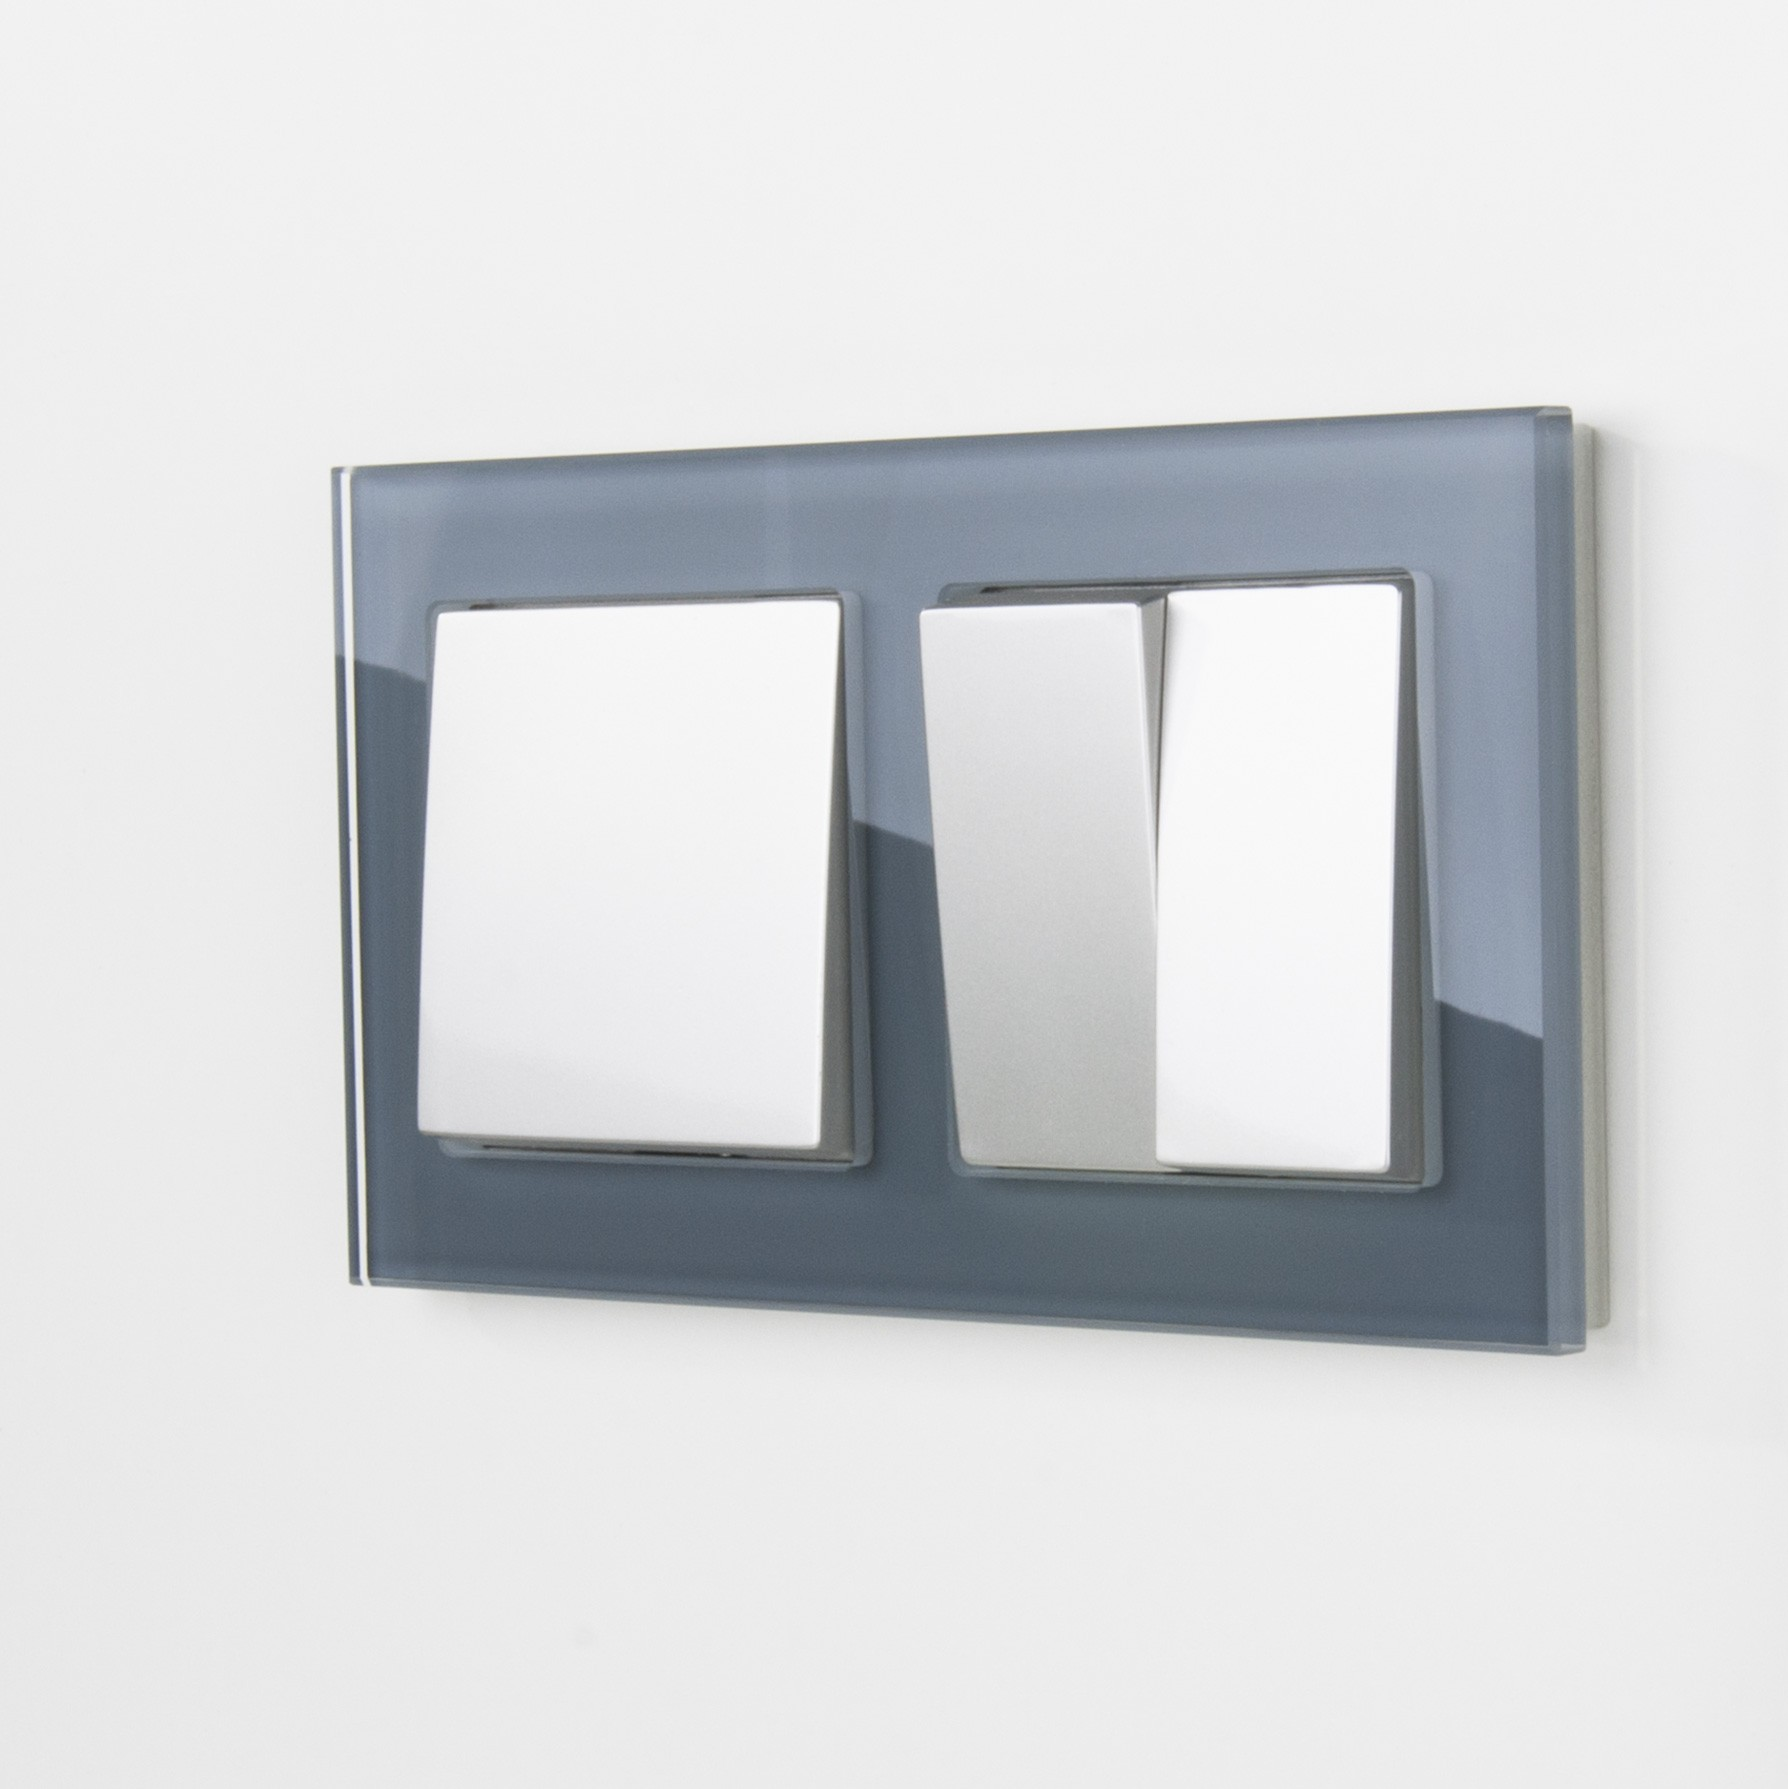 WL01-Frame-02 / Рамка на 2 поста (серый,стекло)